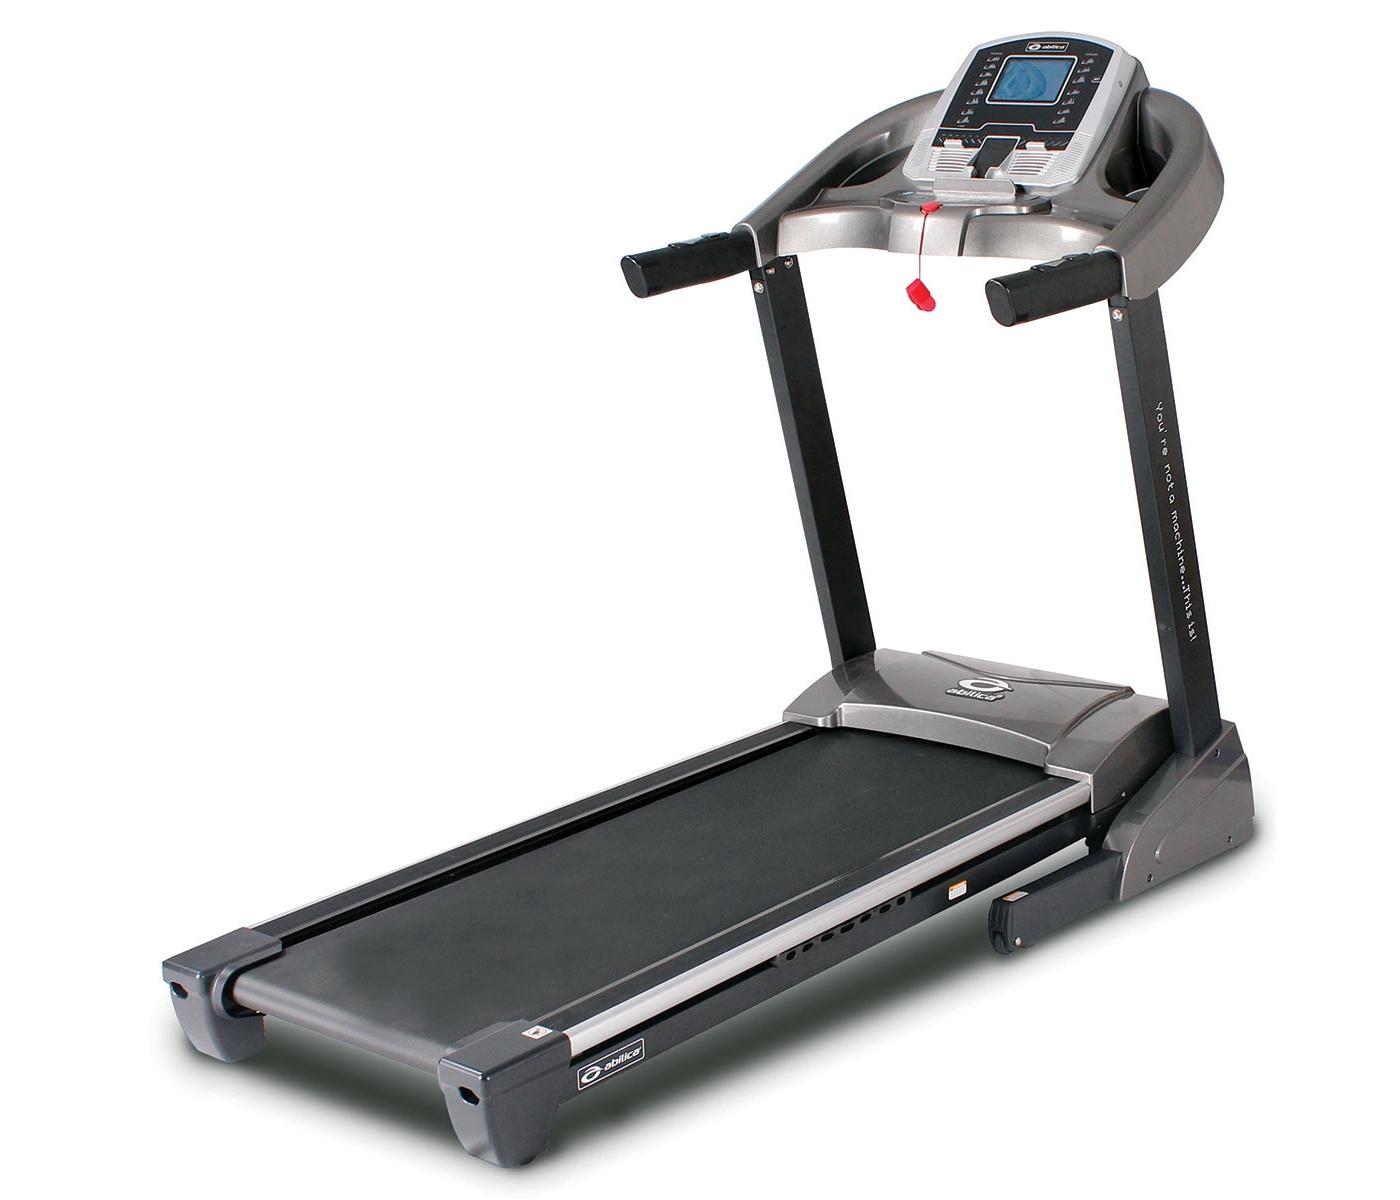 Velsete Find det rette løbebånd til den rigtige pris - gratis levering SL-89